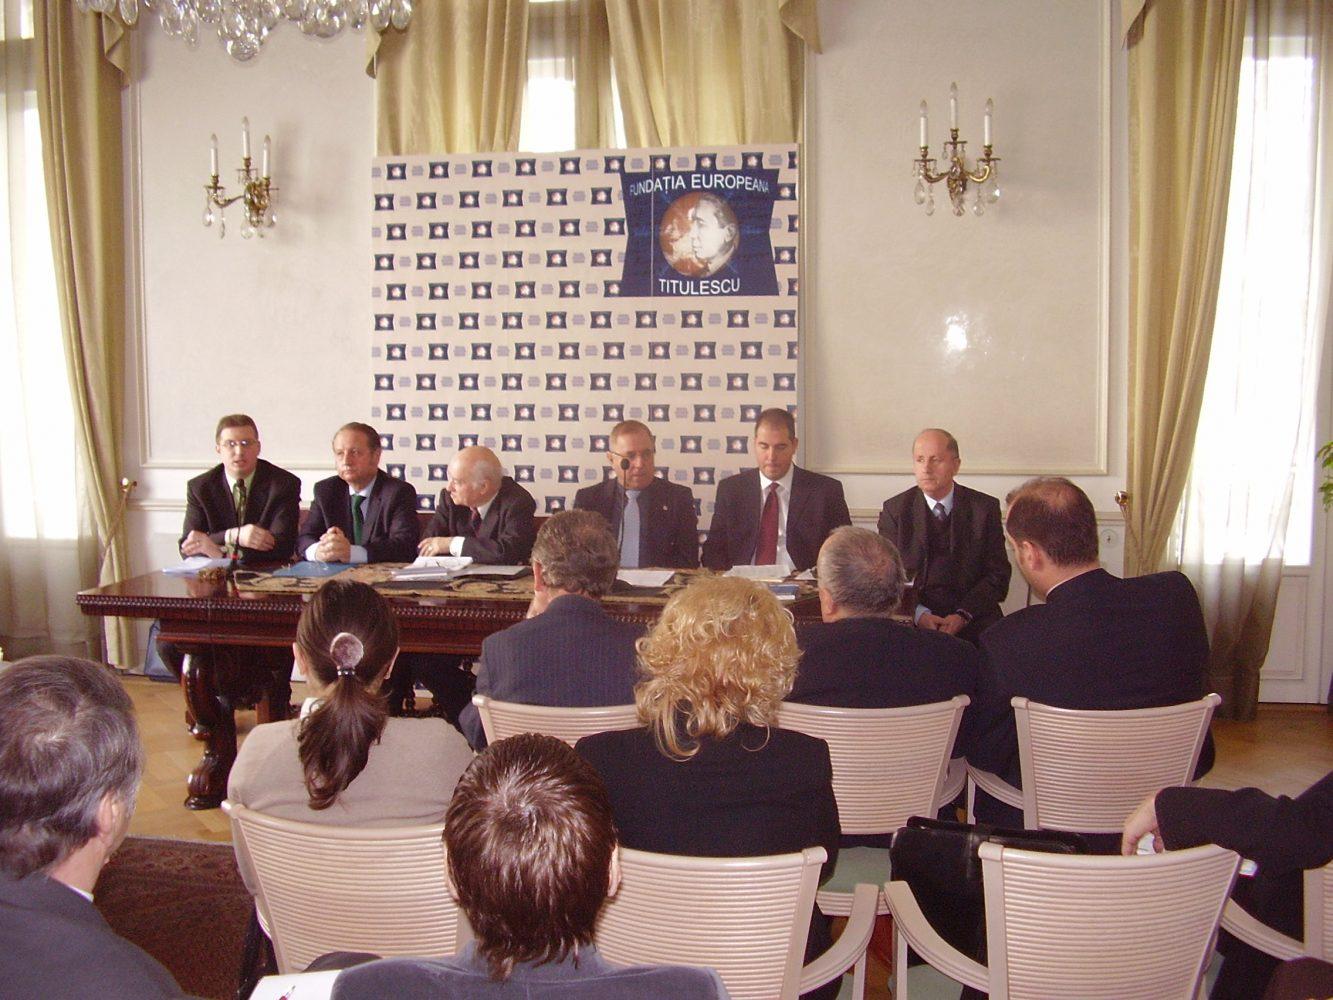 Simpozion cu prilejul intrării în vigoare a Tratatului de la Lisabona